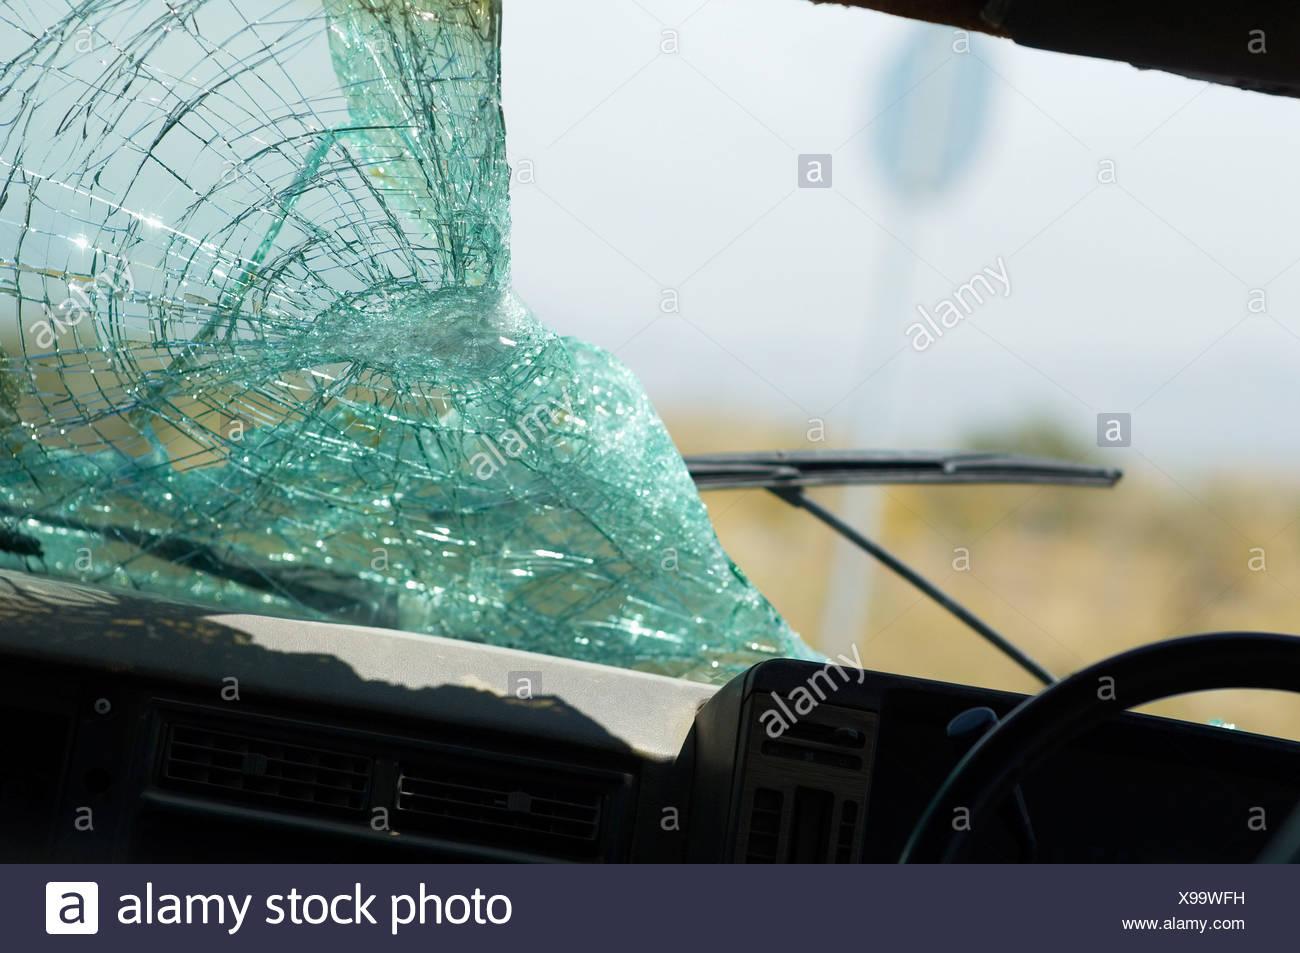 windscreen broken stock photos windscreen broken stock images alamy. Black Bedroom Furniture Sets. Home Design Ideas